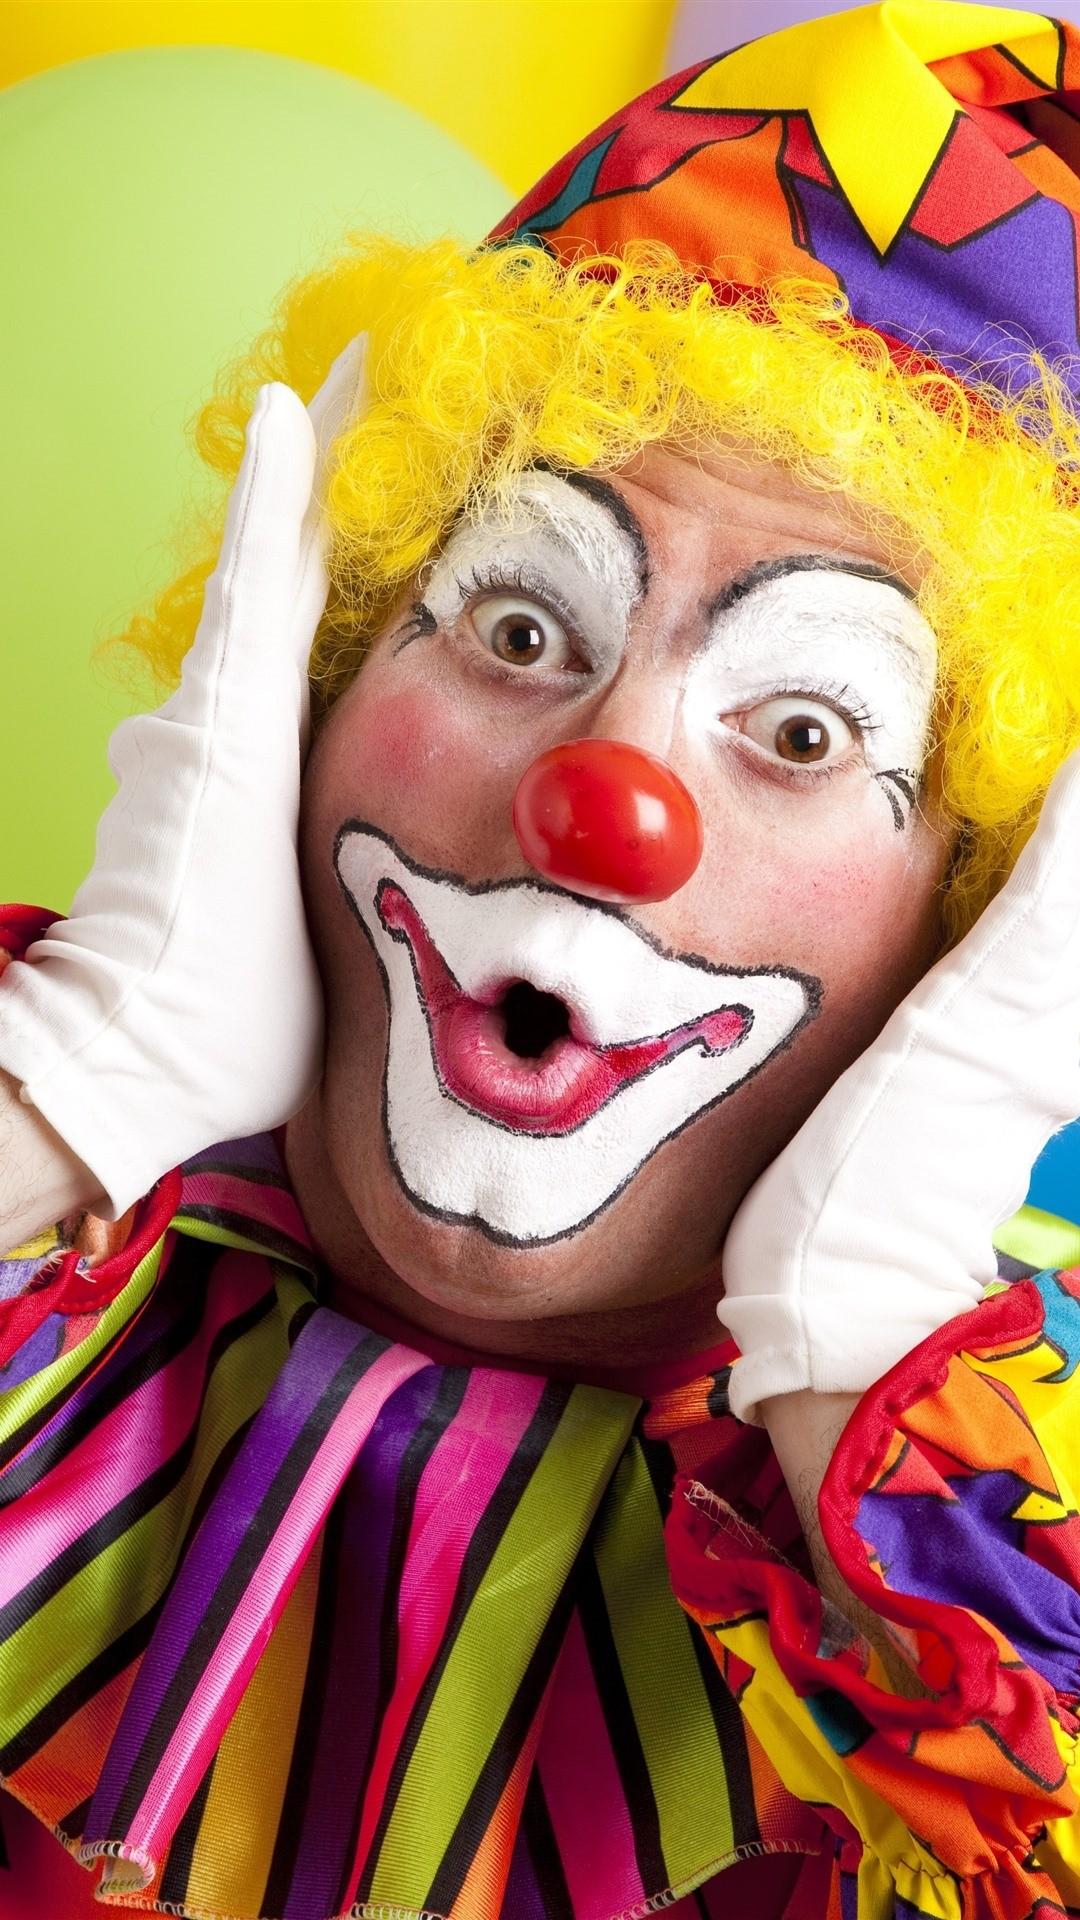 Clown ios wallpaper